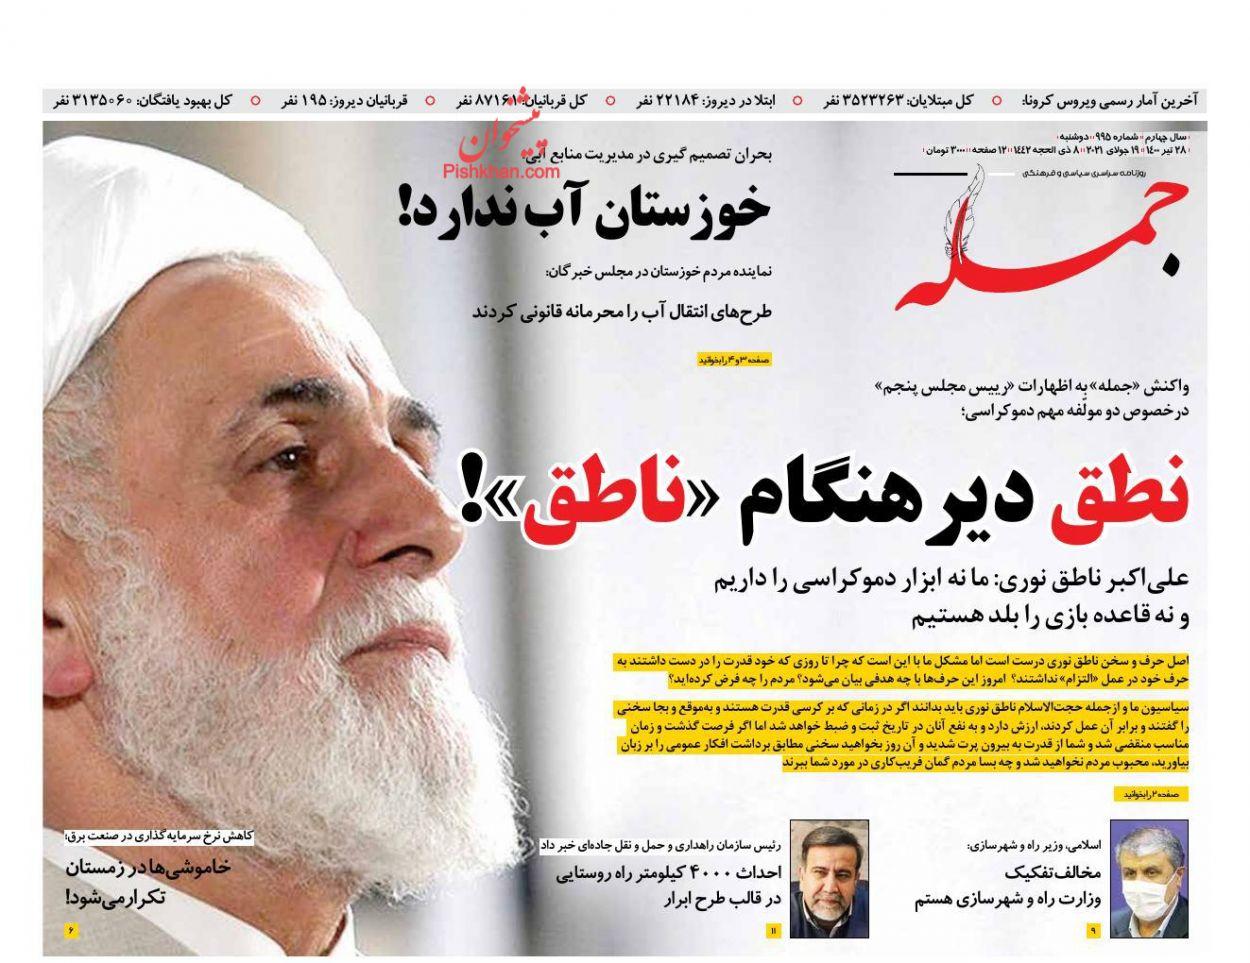 عناوین اخبار روزنامه جمله در روز دوشنبه ۲۸ تیر